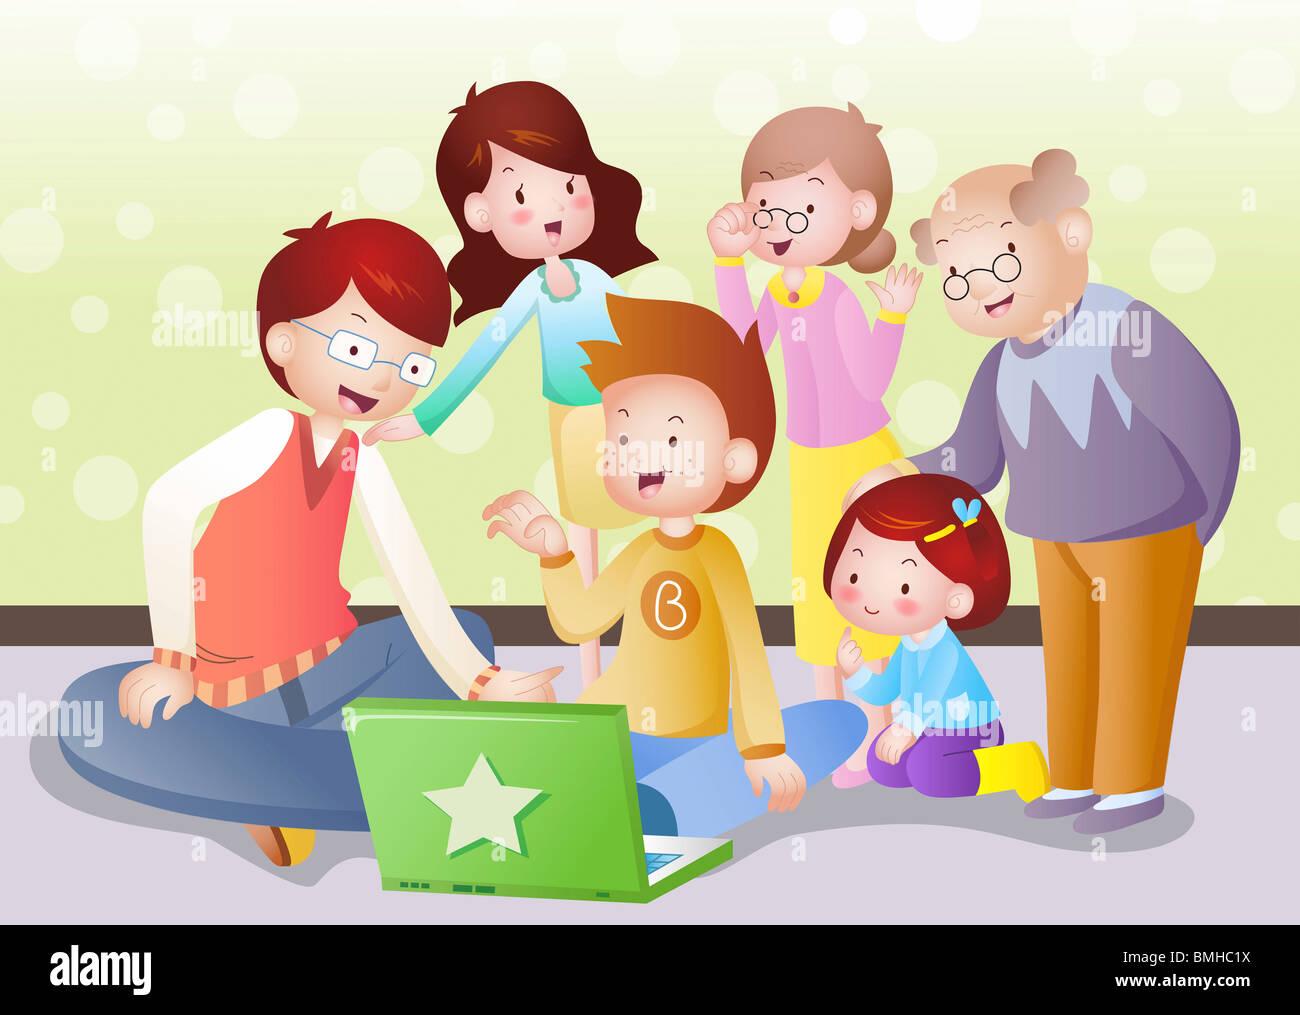 La famille bonheur Banque D'Images